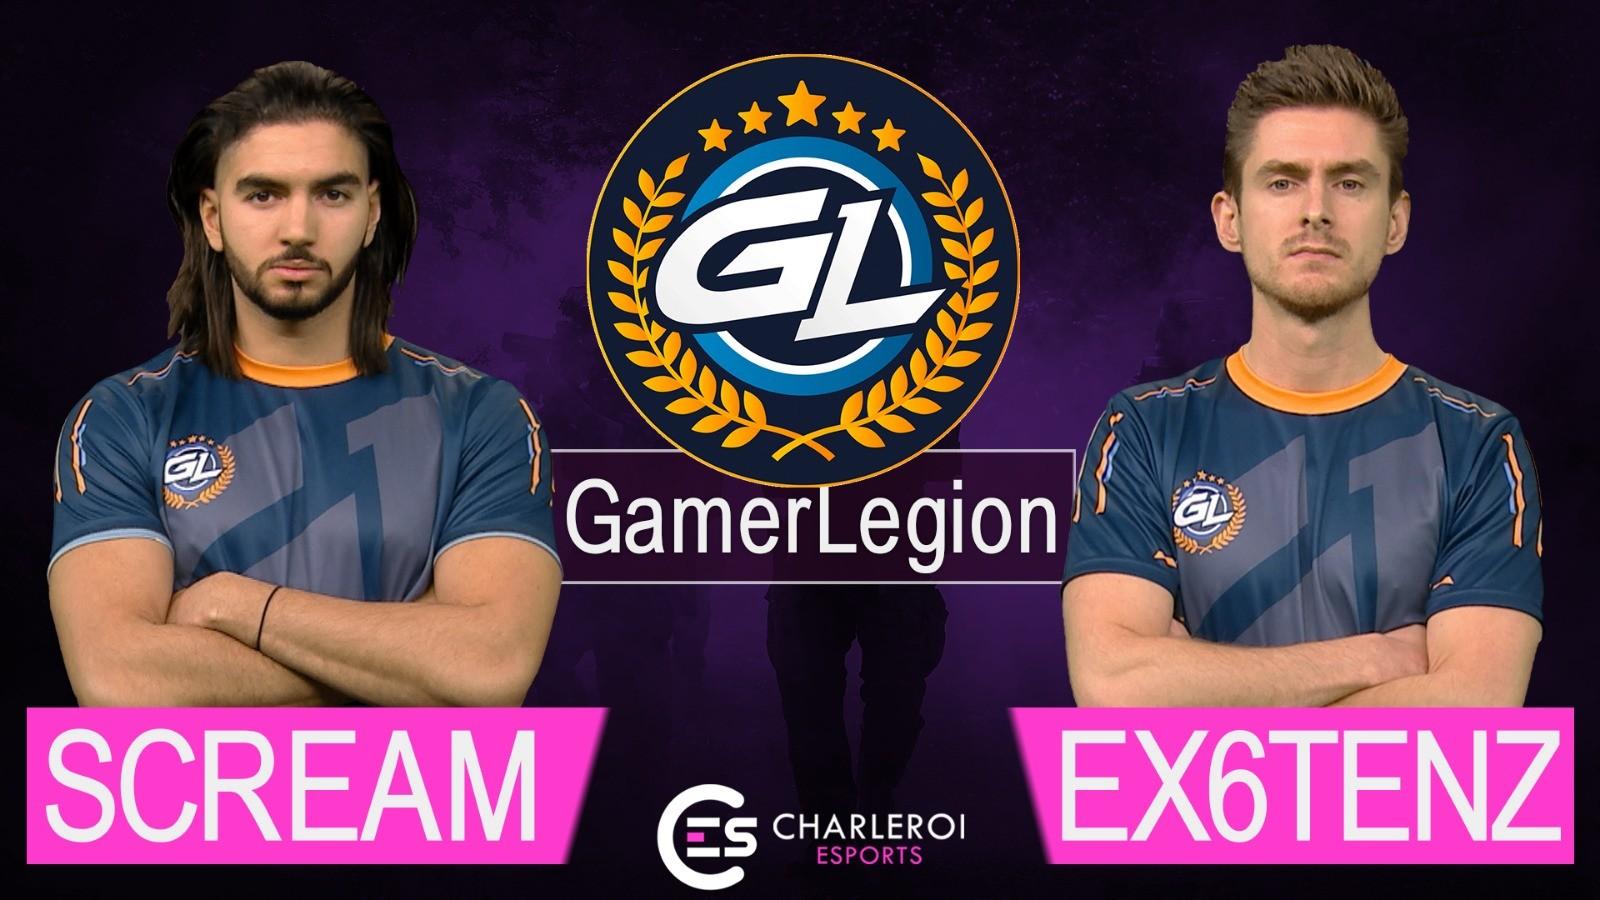 Charleroi Esports : Interview ScreaM & Ex6TenZ (GamerLegion)